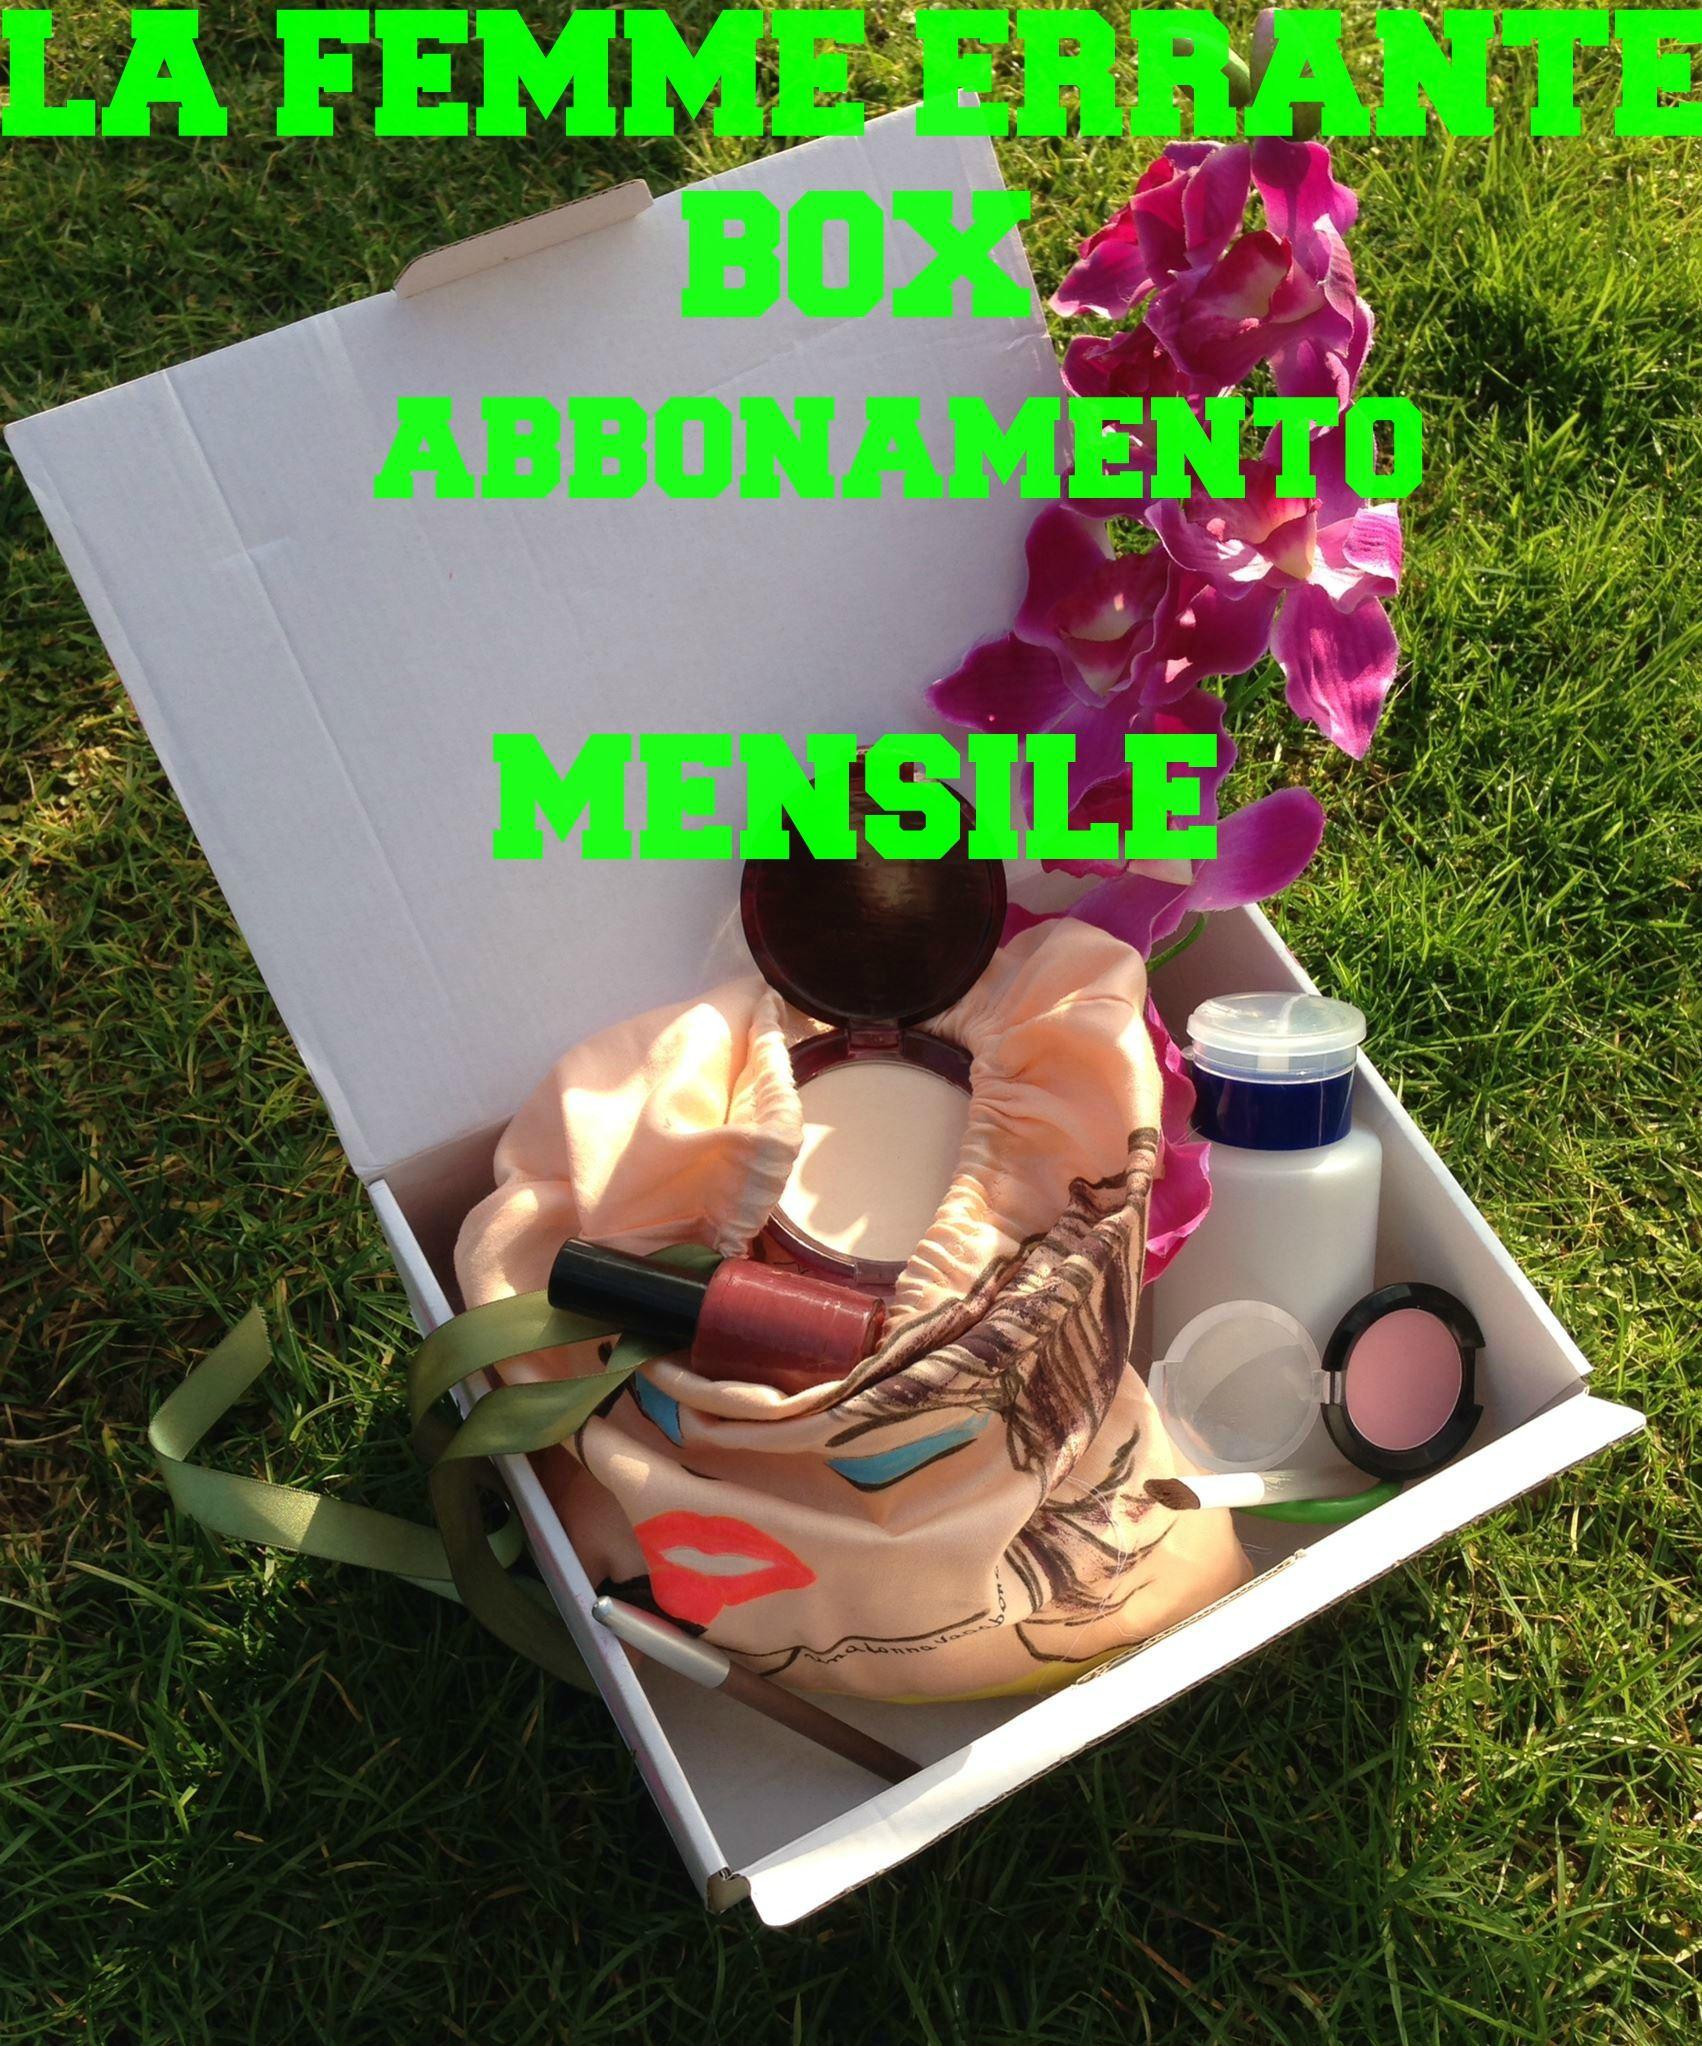 La femme errante BOX abbonamento MENSILE